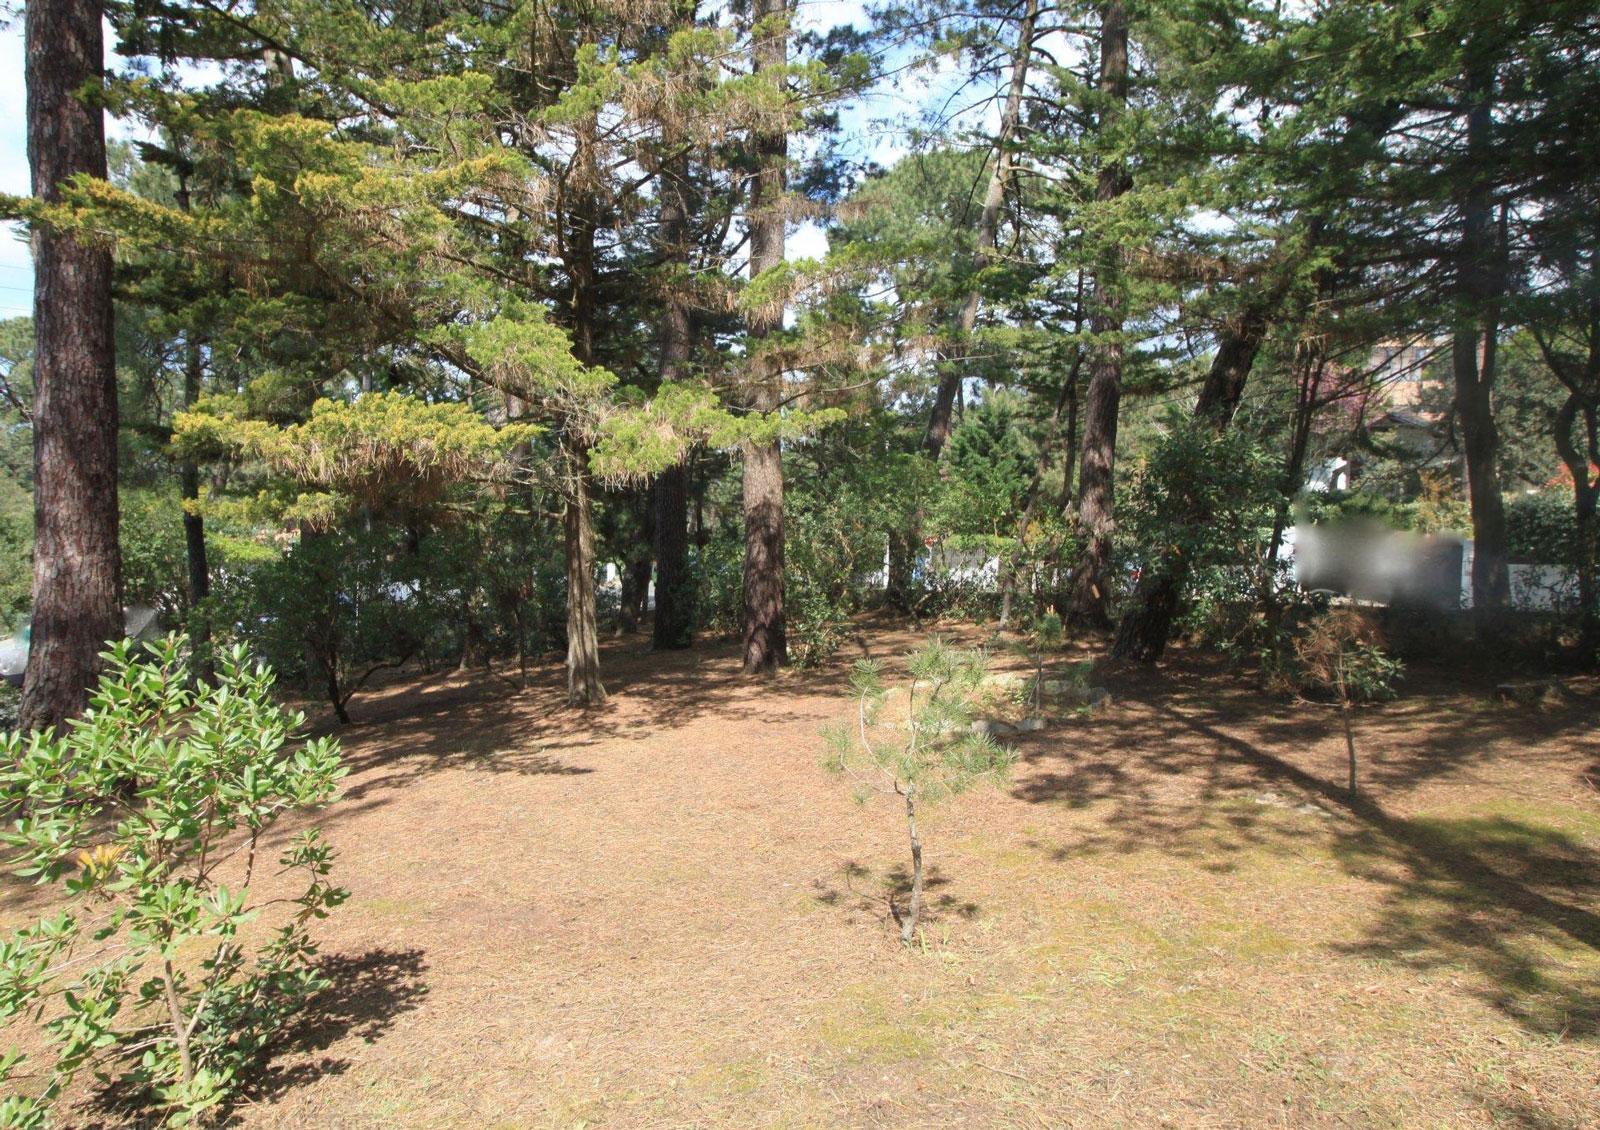 1426 m2 de terrain pour cette villa à vendre à Pyla sur mer proche du cercle de voile